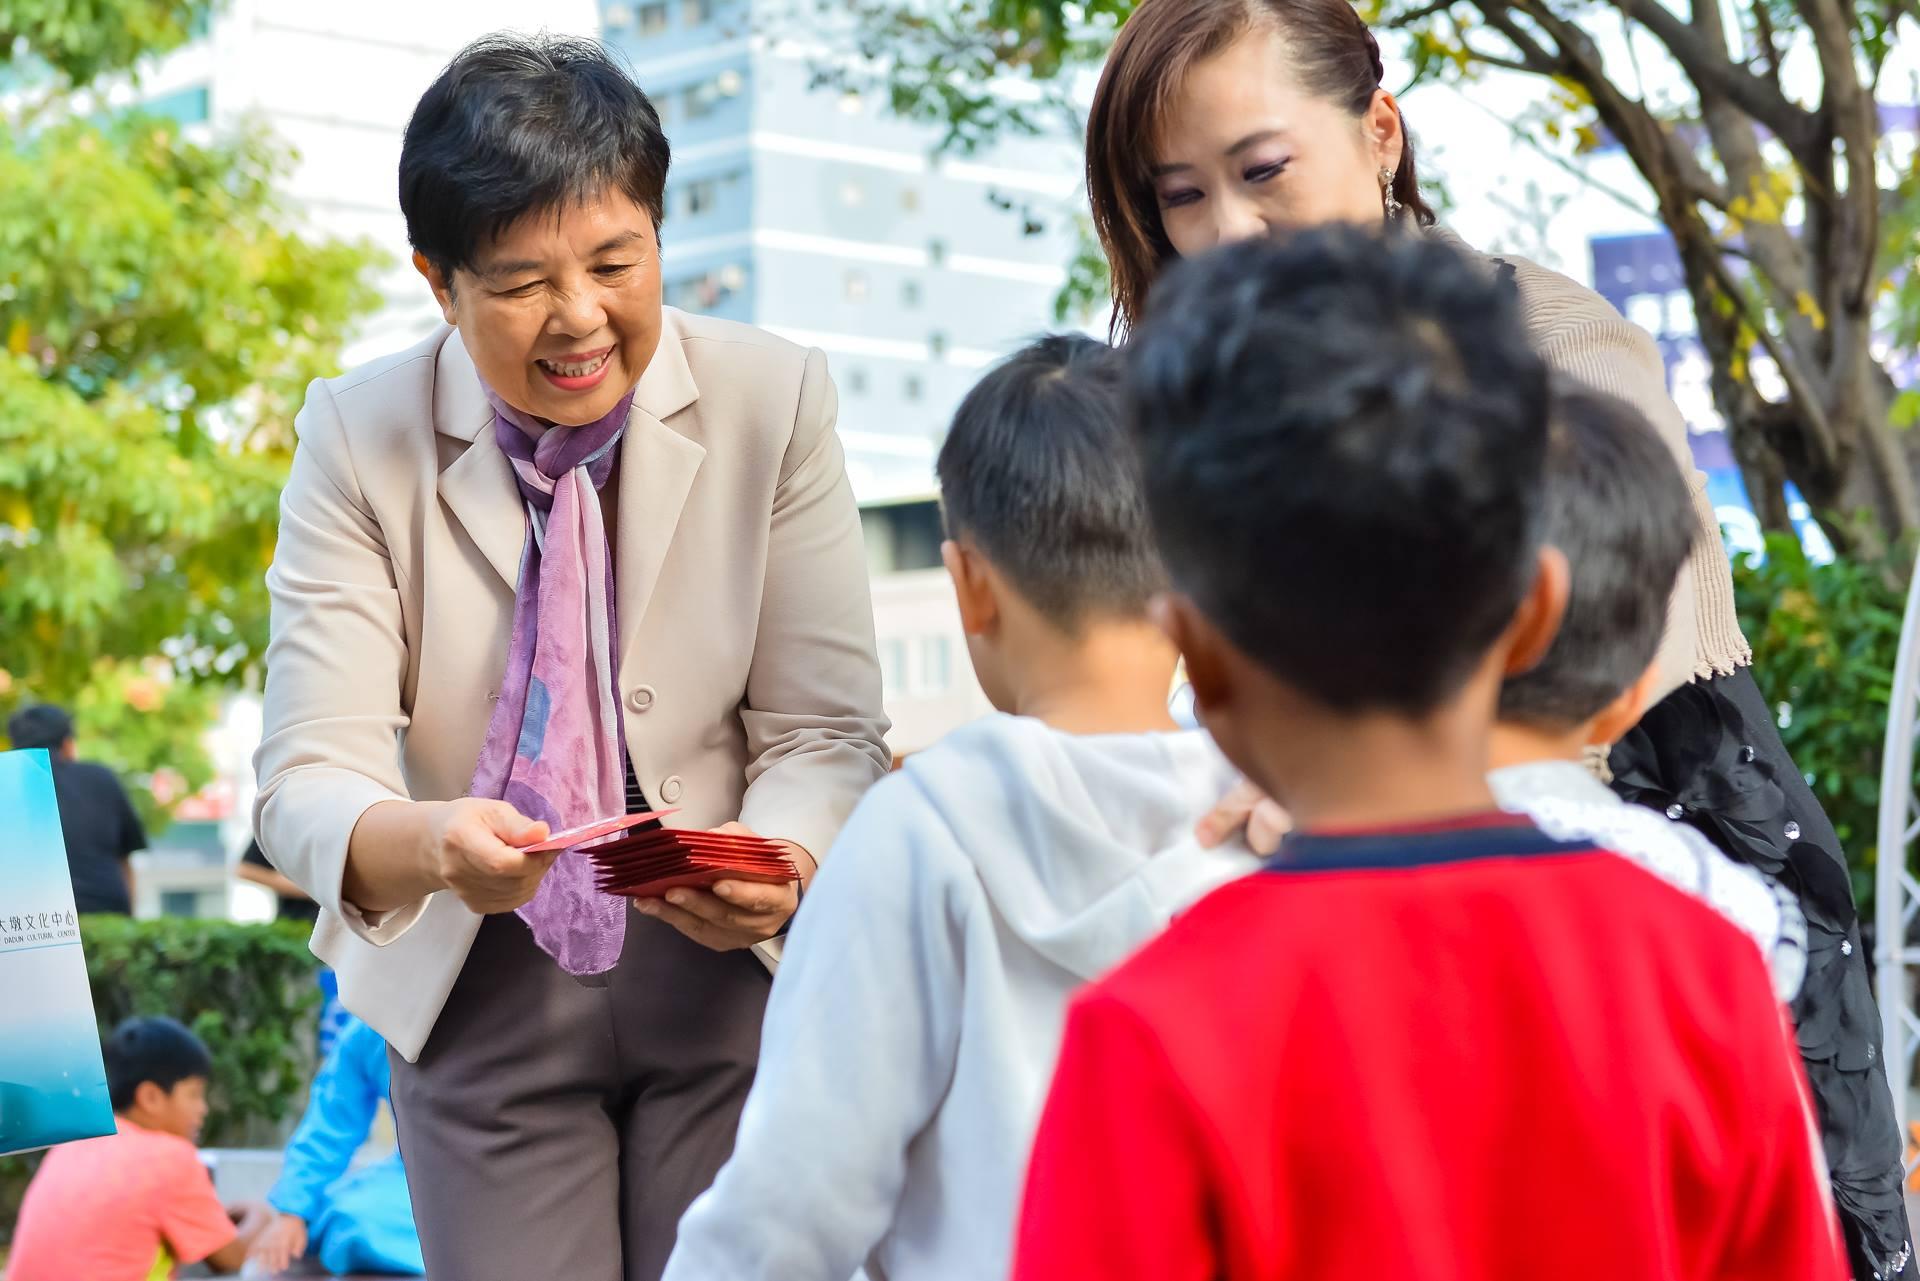 大墩文化中心陳秘書富滿現場發放整點紅包